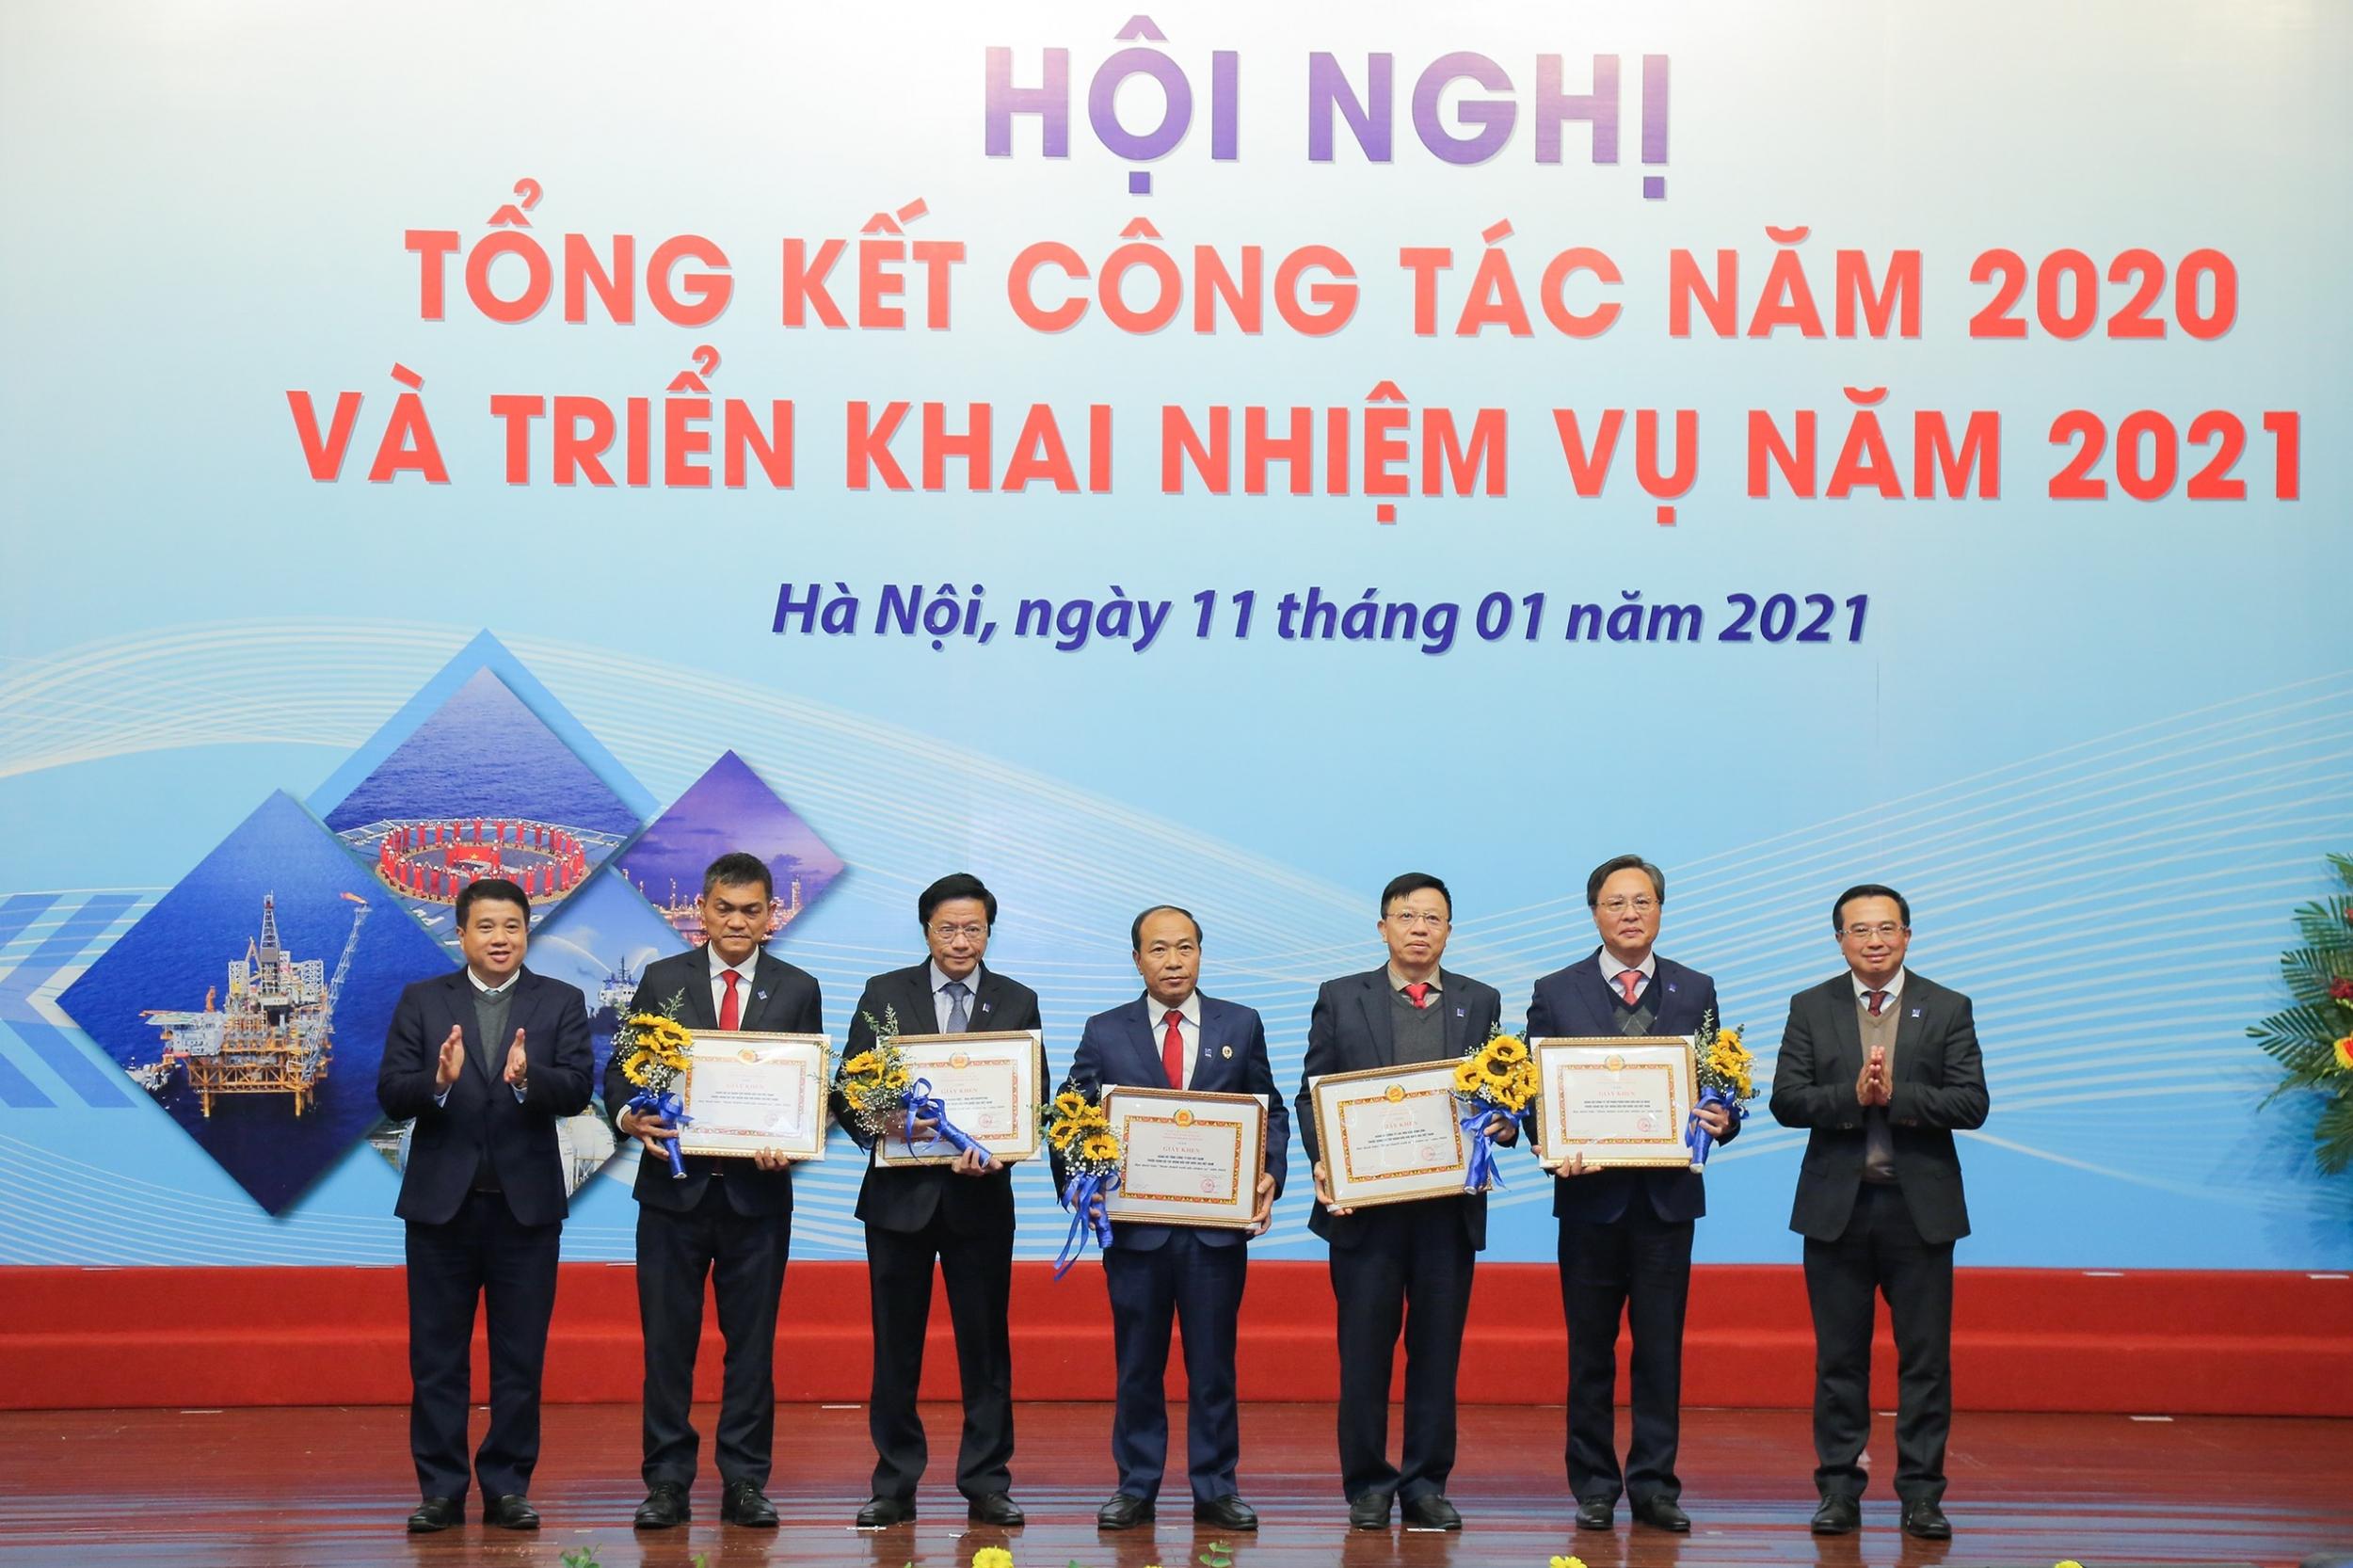 Đảng bộ PV GAS nhận tôn vinh Đảng bộ hoàn thành xuất sắc nhiệm vụ